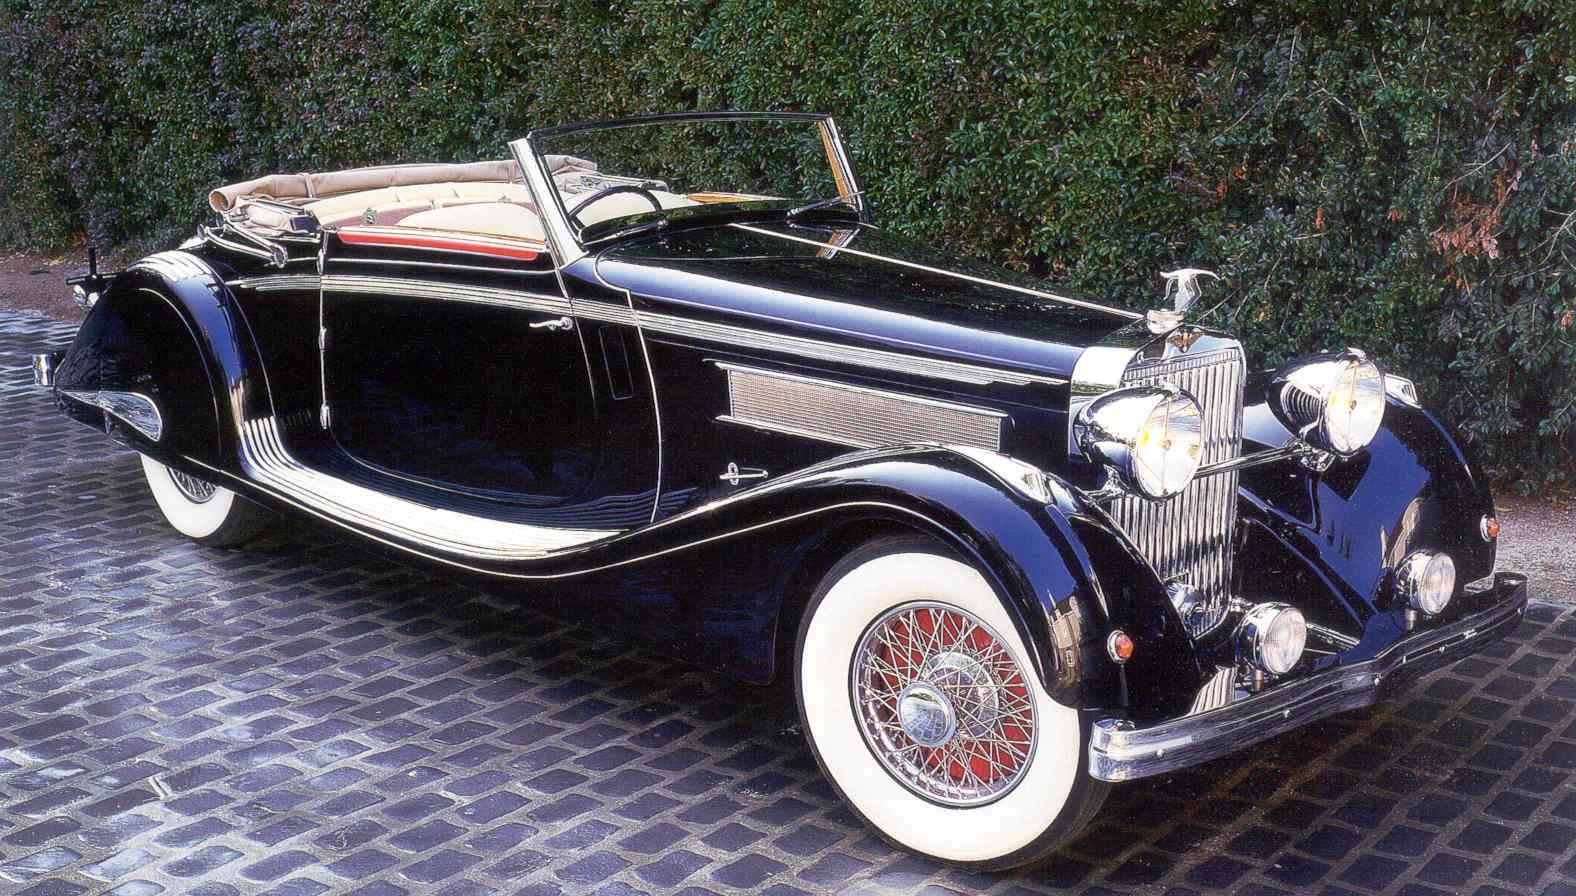 Hispano-Suiza K6 1934 - 1937 Cabriolet #5